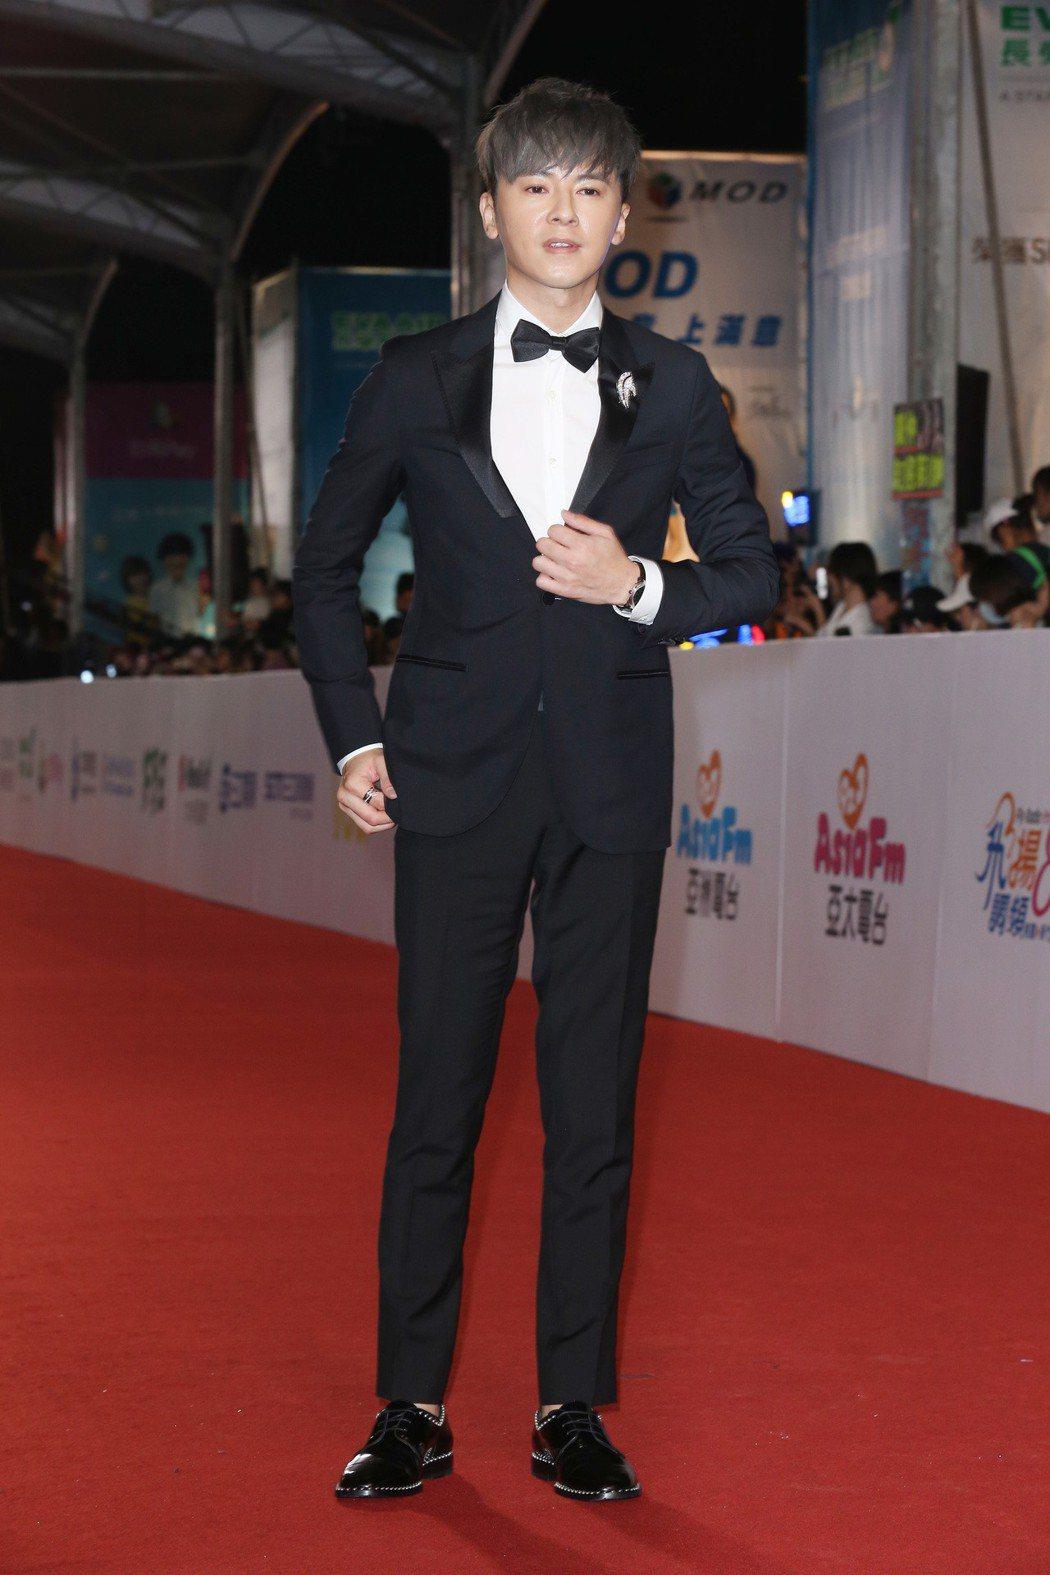 李國毅穿浪凡西裝,配戴寶格麗珠寶腕表。記者陳立凱/攝影